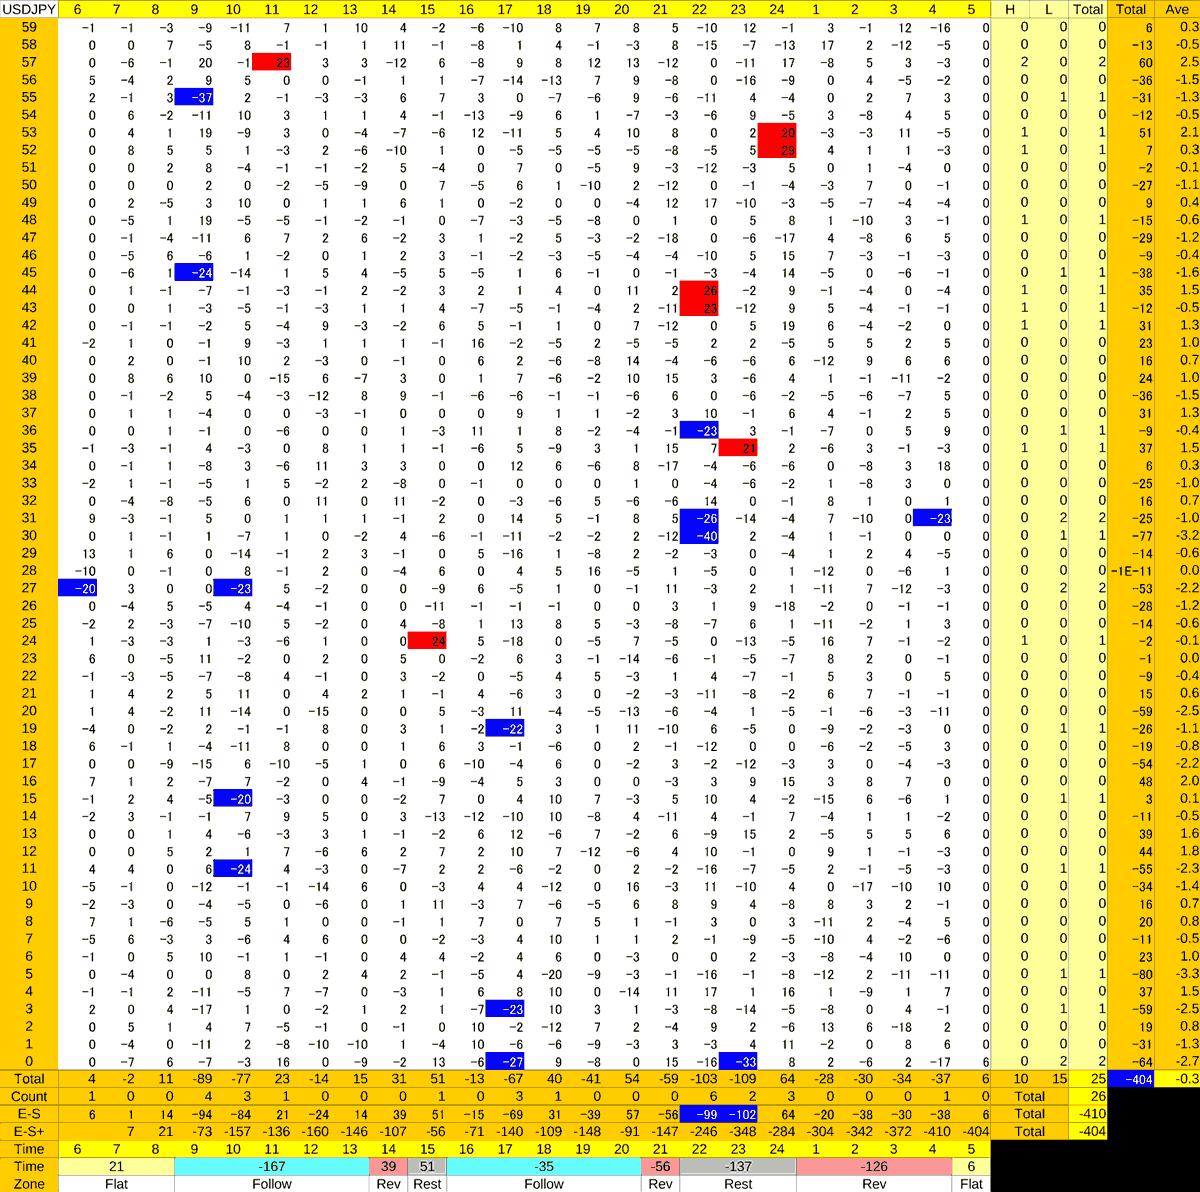 20201009_HS(1)USDJPY